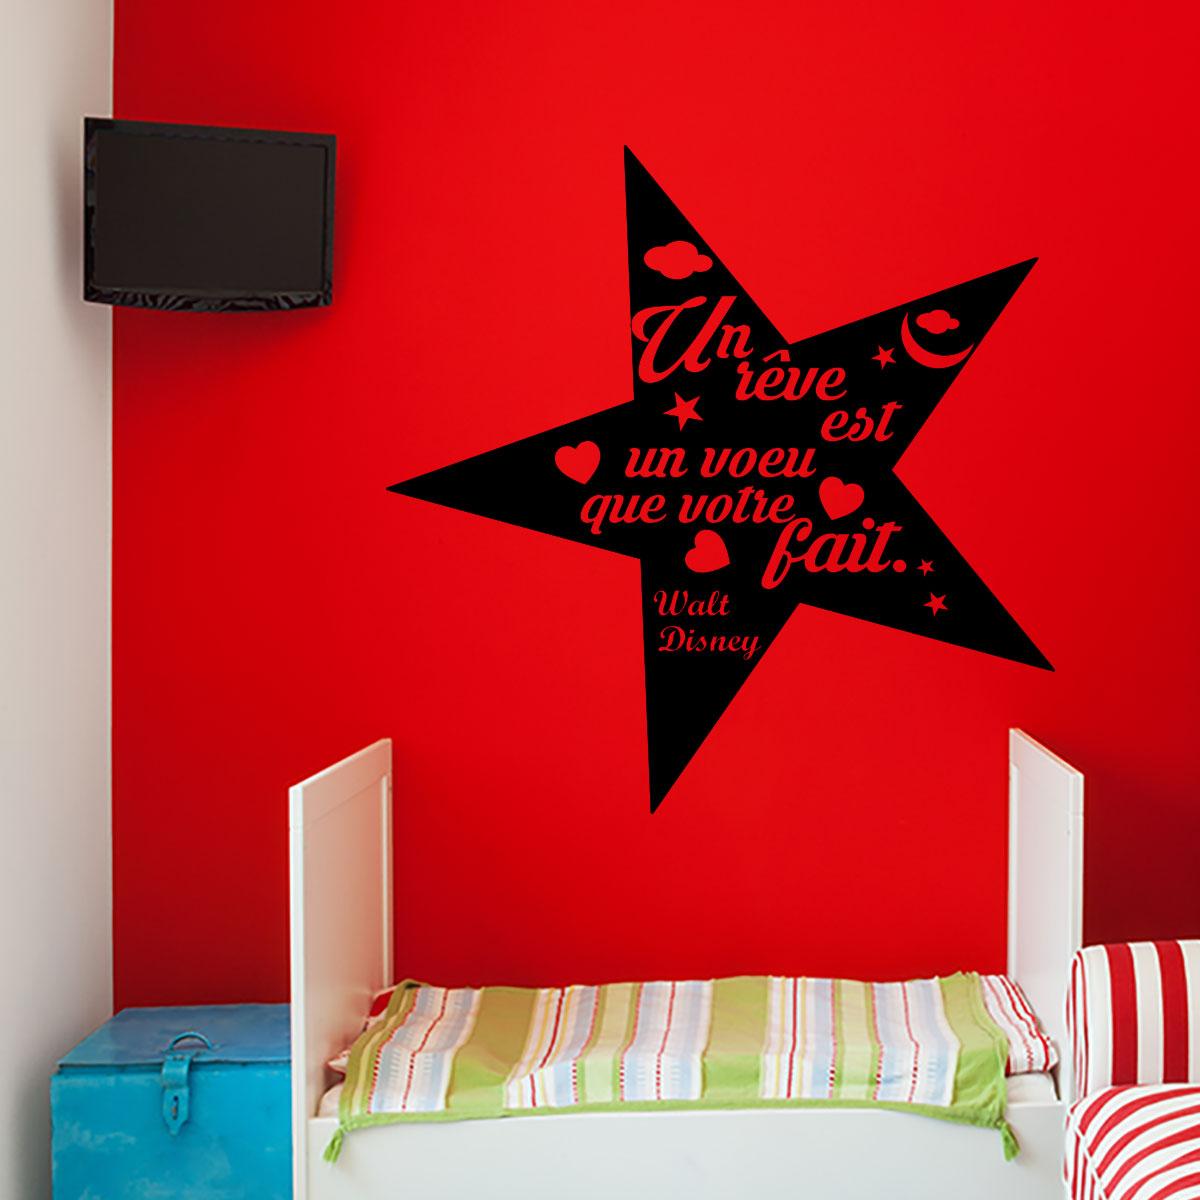 stikcker citation un r ve est un voeu walt disney stickers citations fran ais ambiance sticker. Black Bedroom Furniture Sets. Home Design Ideas